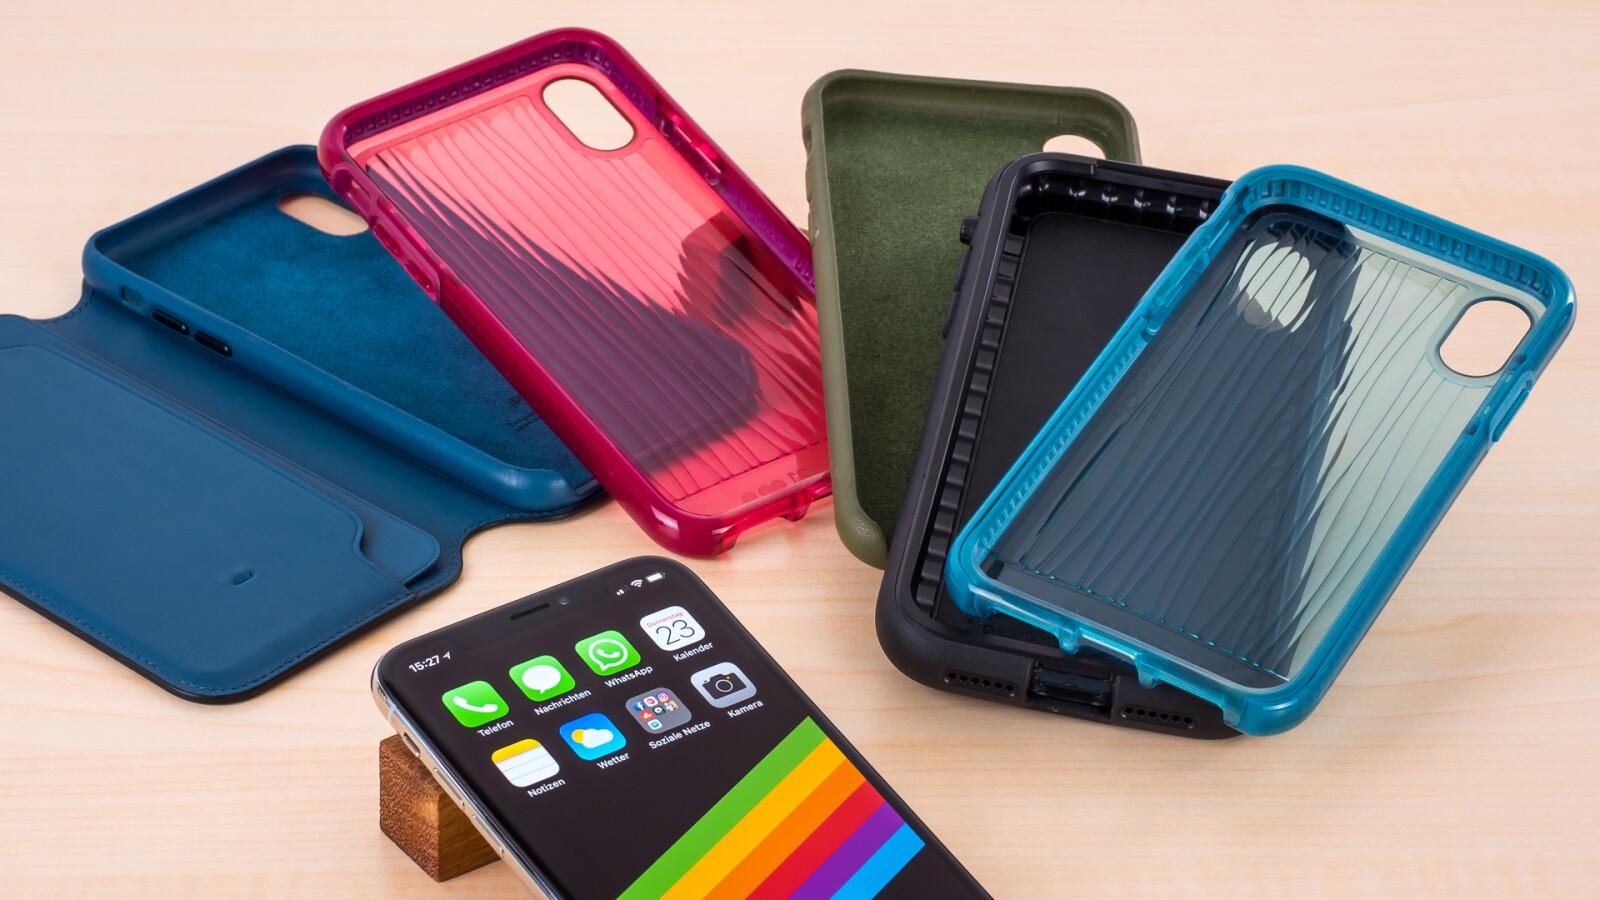 Schutzhllen Fr Das Iphone X Im Test Diese 8 Cases Empfehlen Wir Spigen Case Wallet S Leather Original Casing Netzwelt